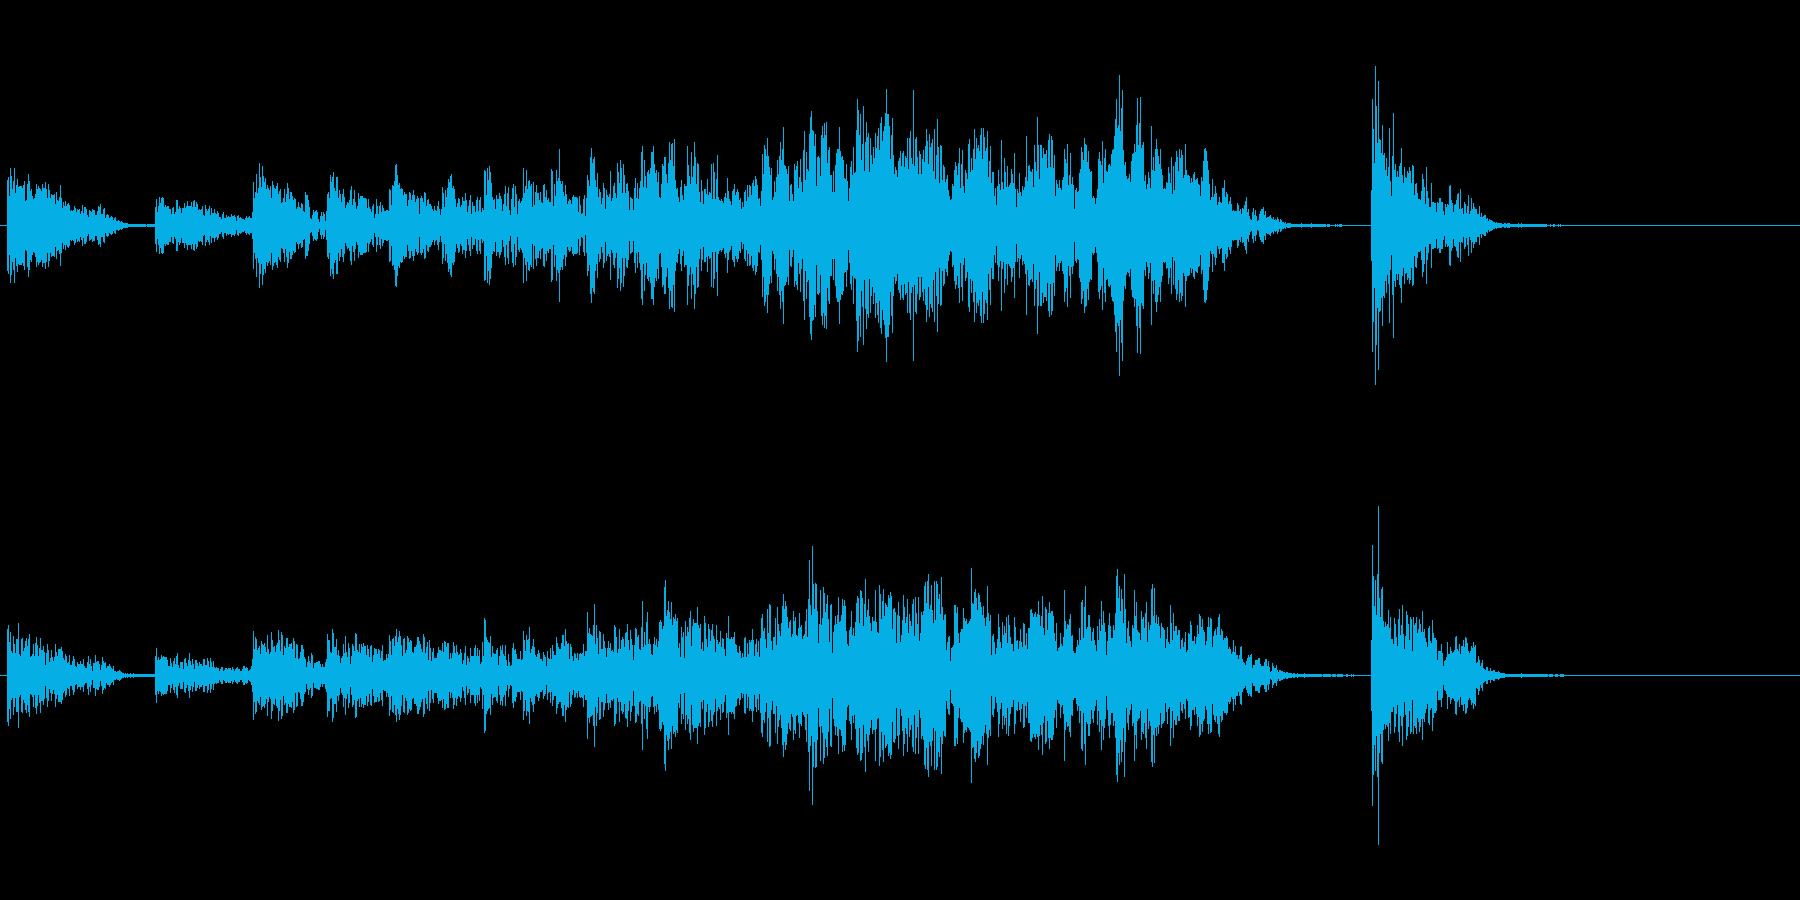 太鼓バリエーション(出囃子)の再生済みの波形